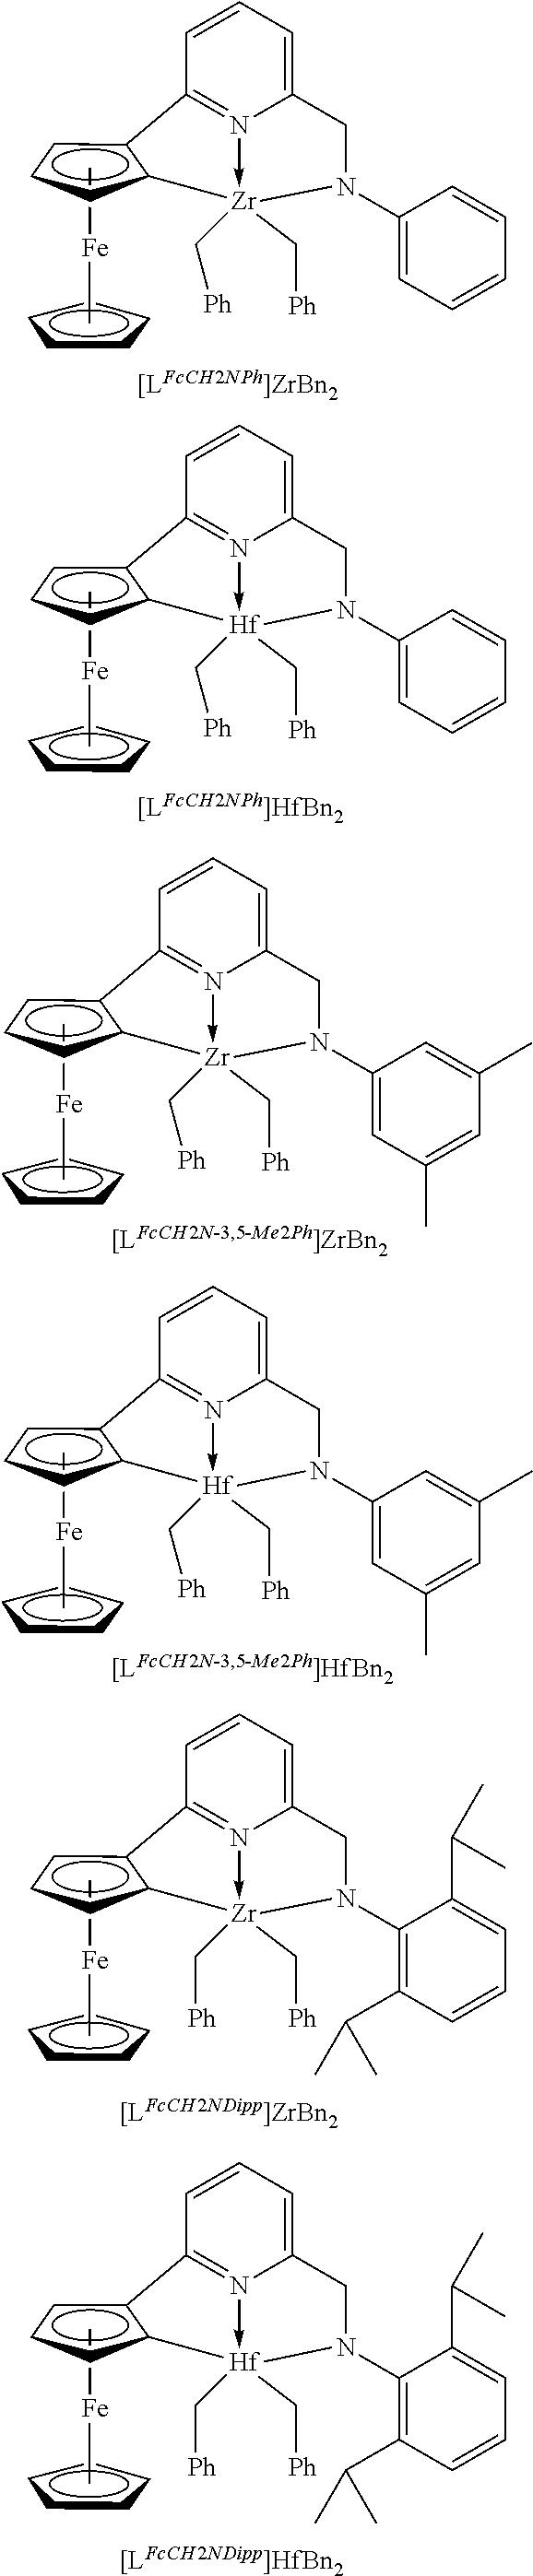 Figure US08163853-20120424-C00010